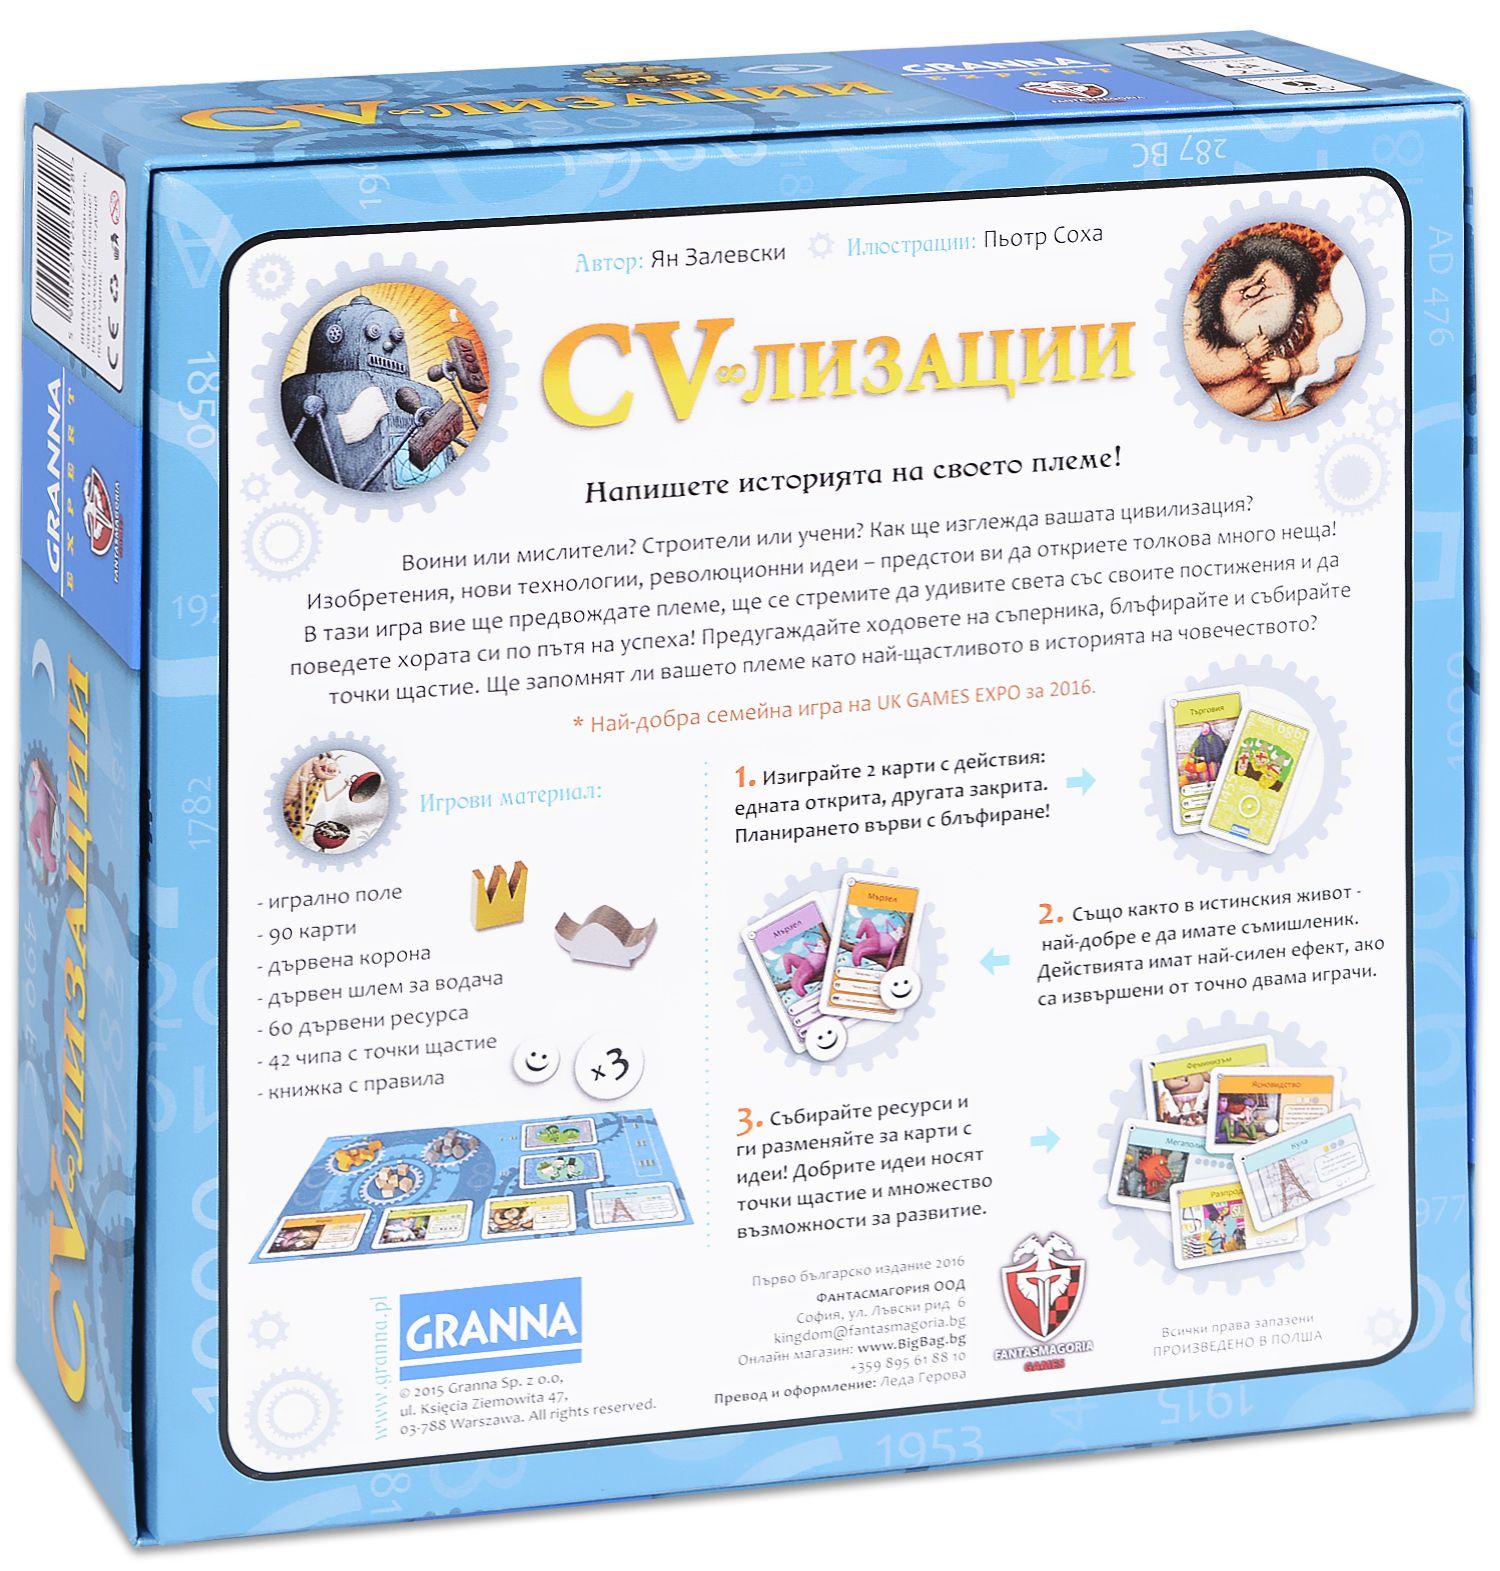 Настолна игра CV-лизации - 2